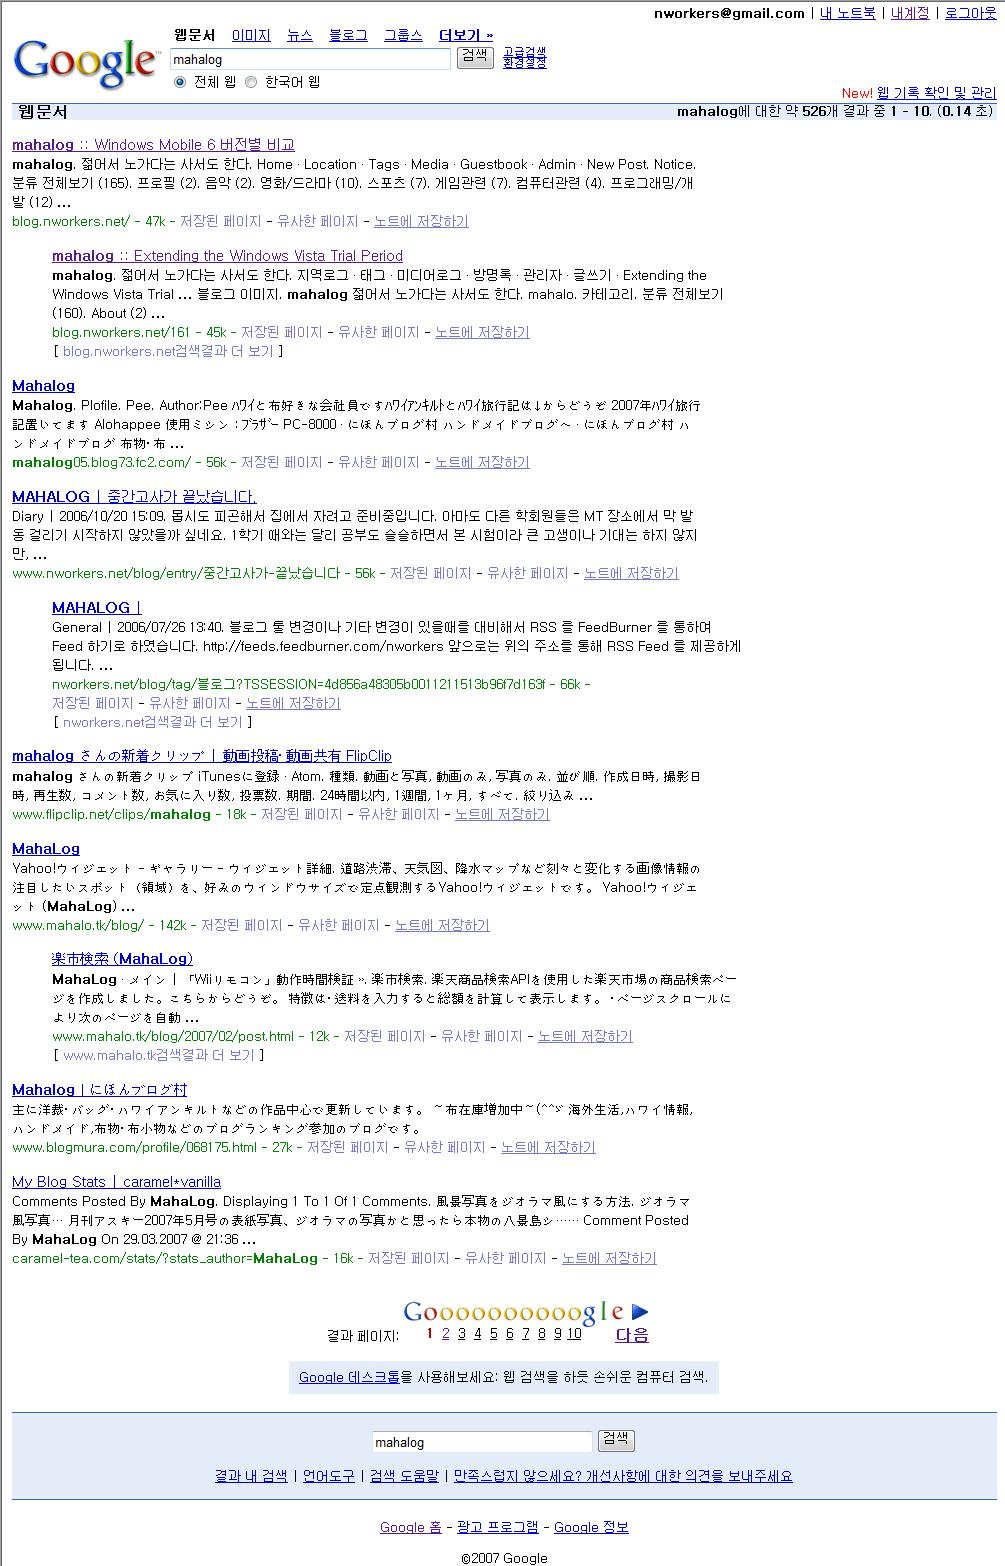 구글에서 mahalog를 검색하면...